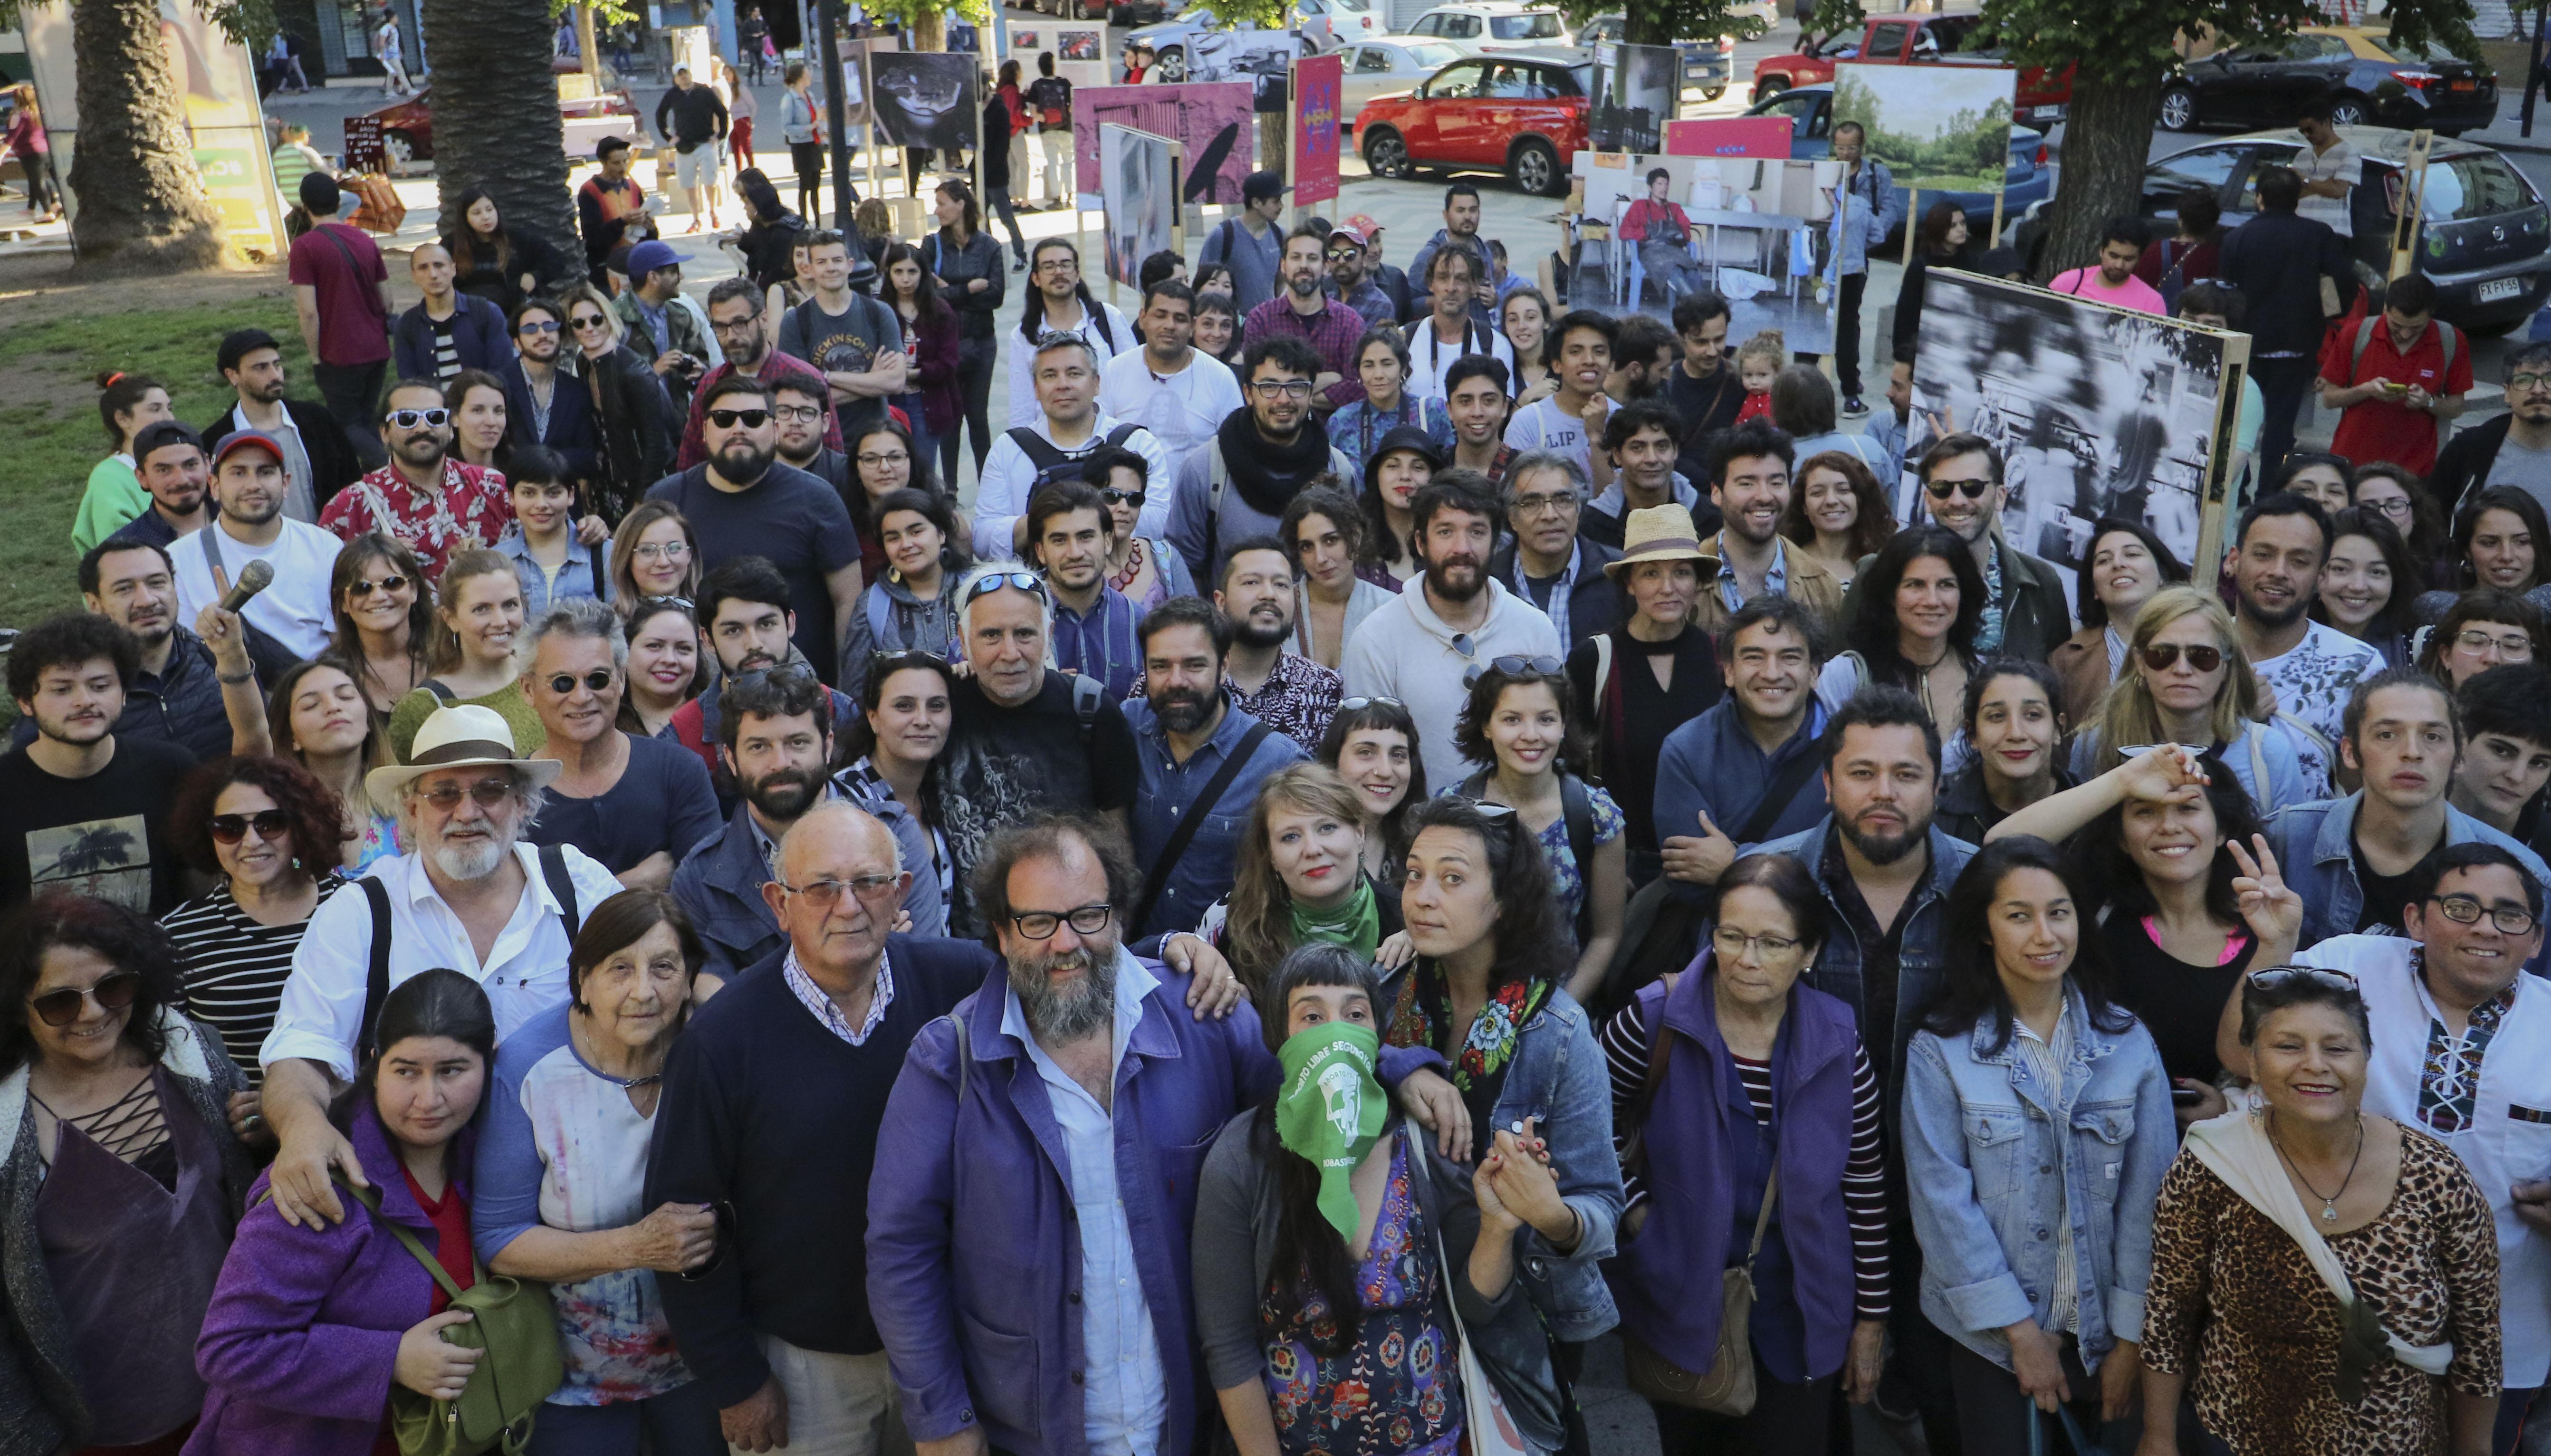 Exposicion en Plaza Victoria #FIFV 2018  © Eduardo Vargas /Fifv.